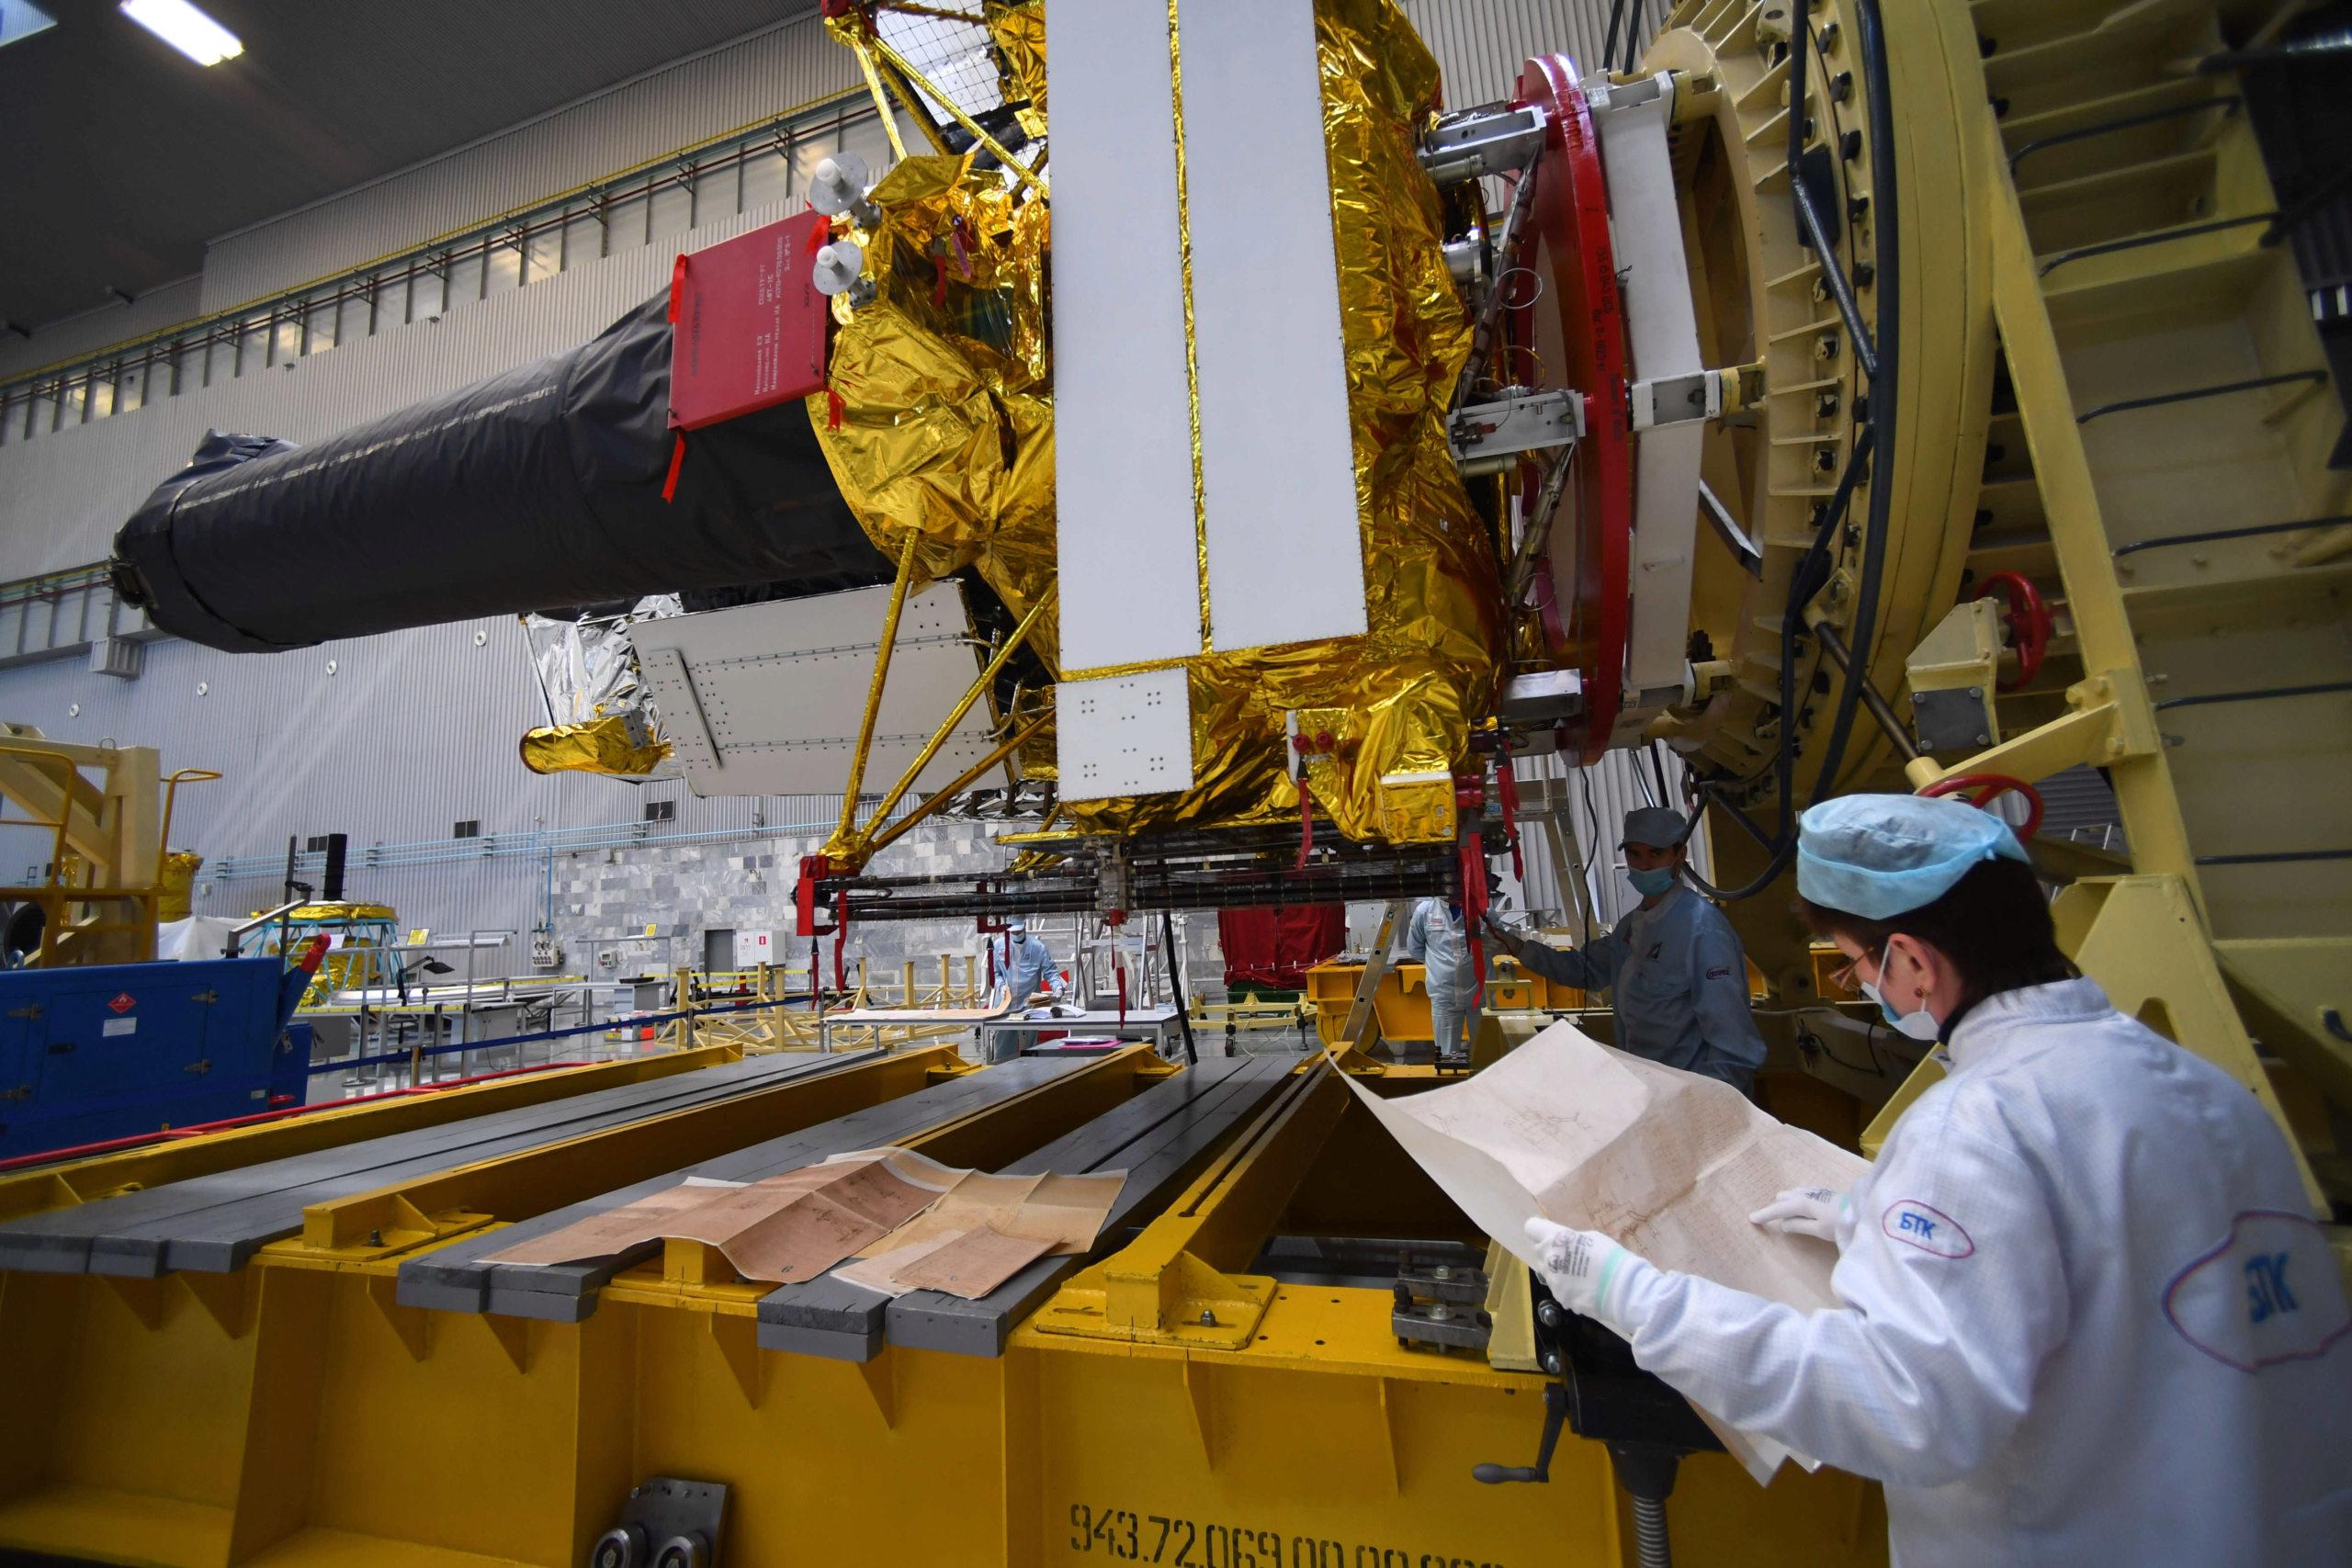 Proton-M - Block DM-03 (Spektr-RG) - Baï - 12.07.2019  2165